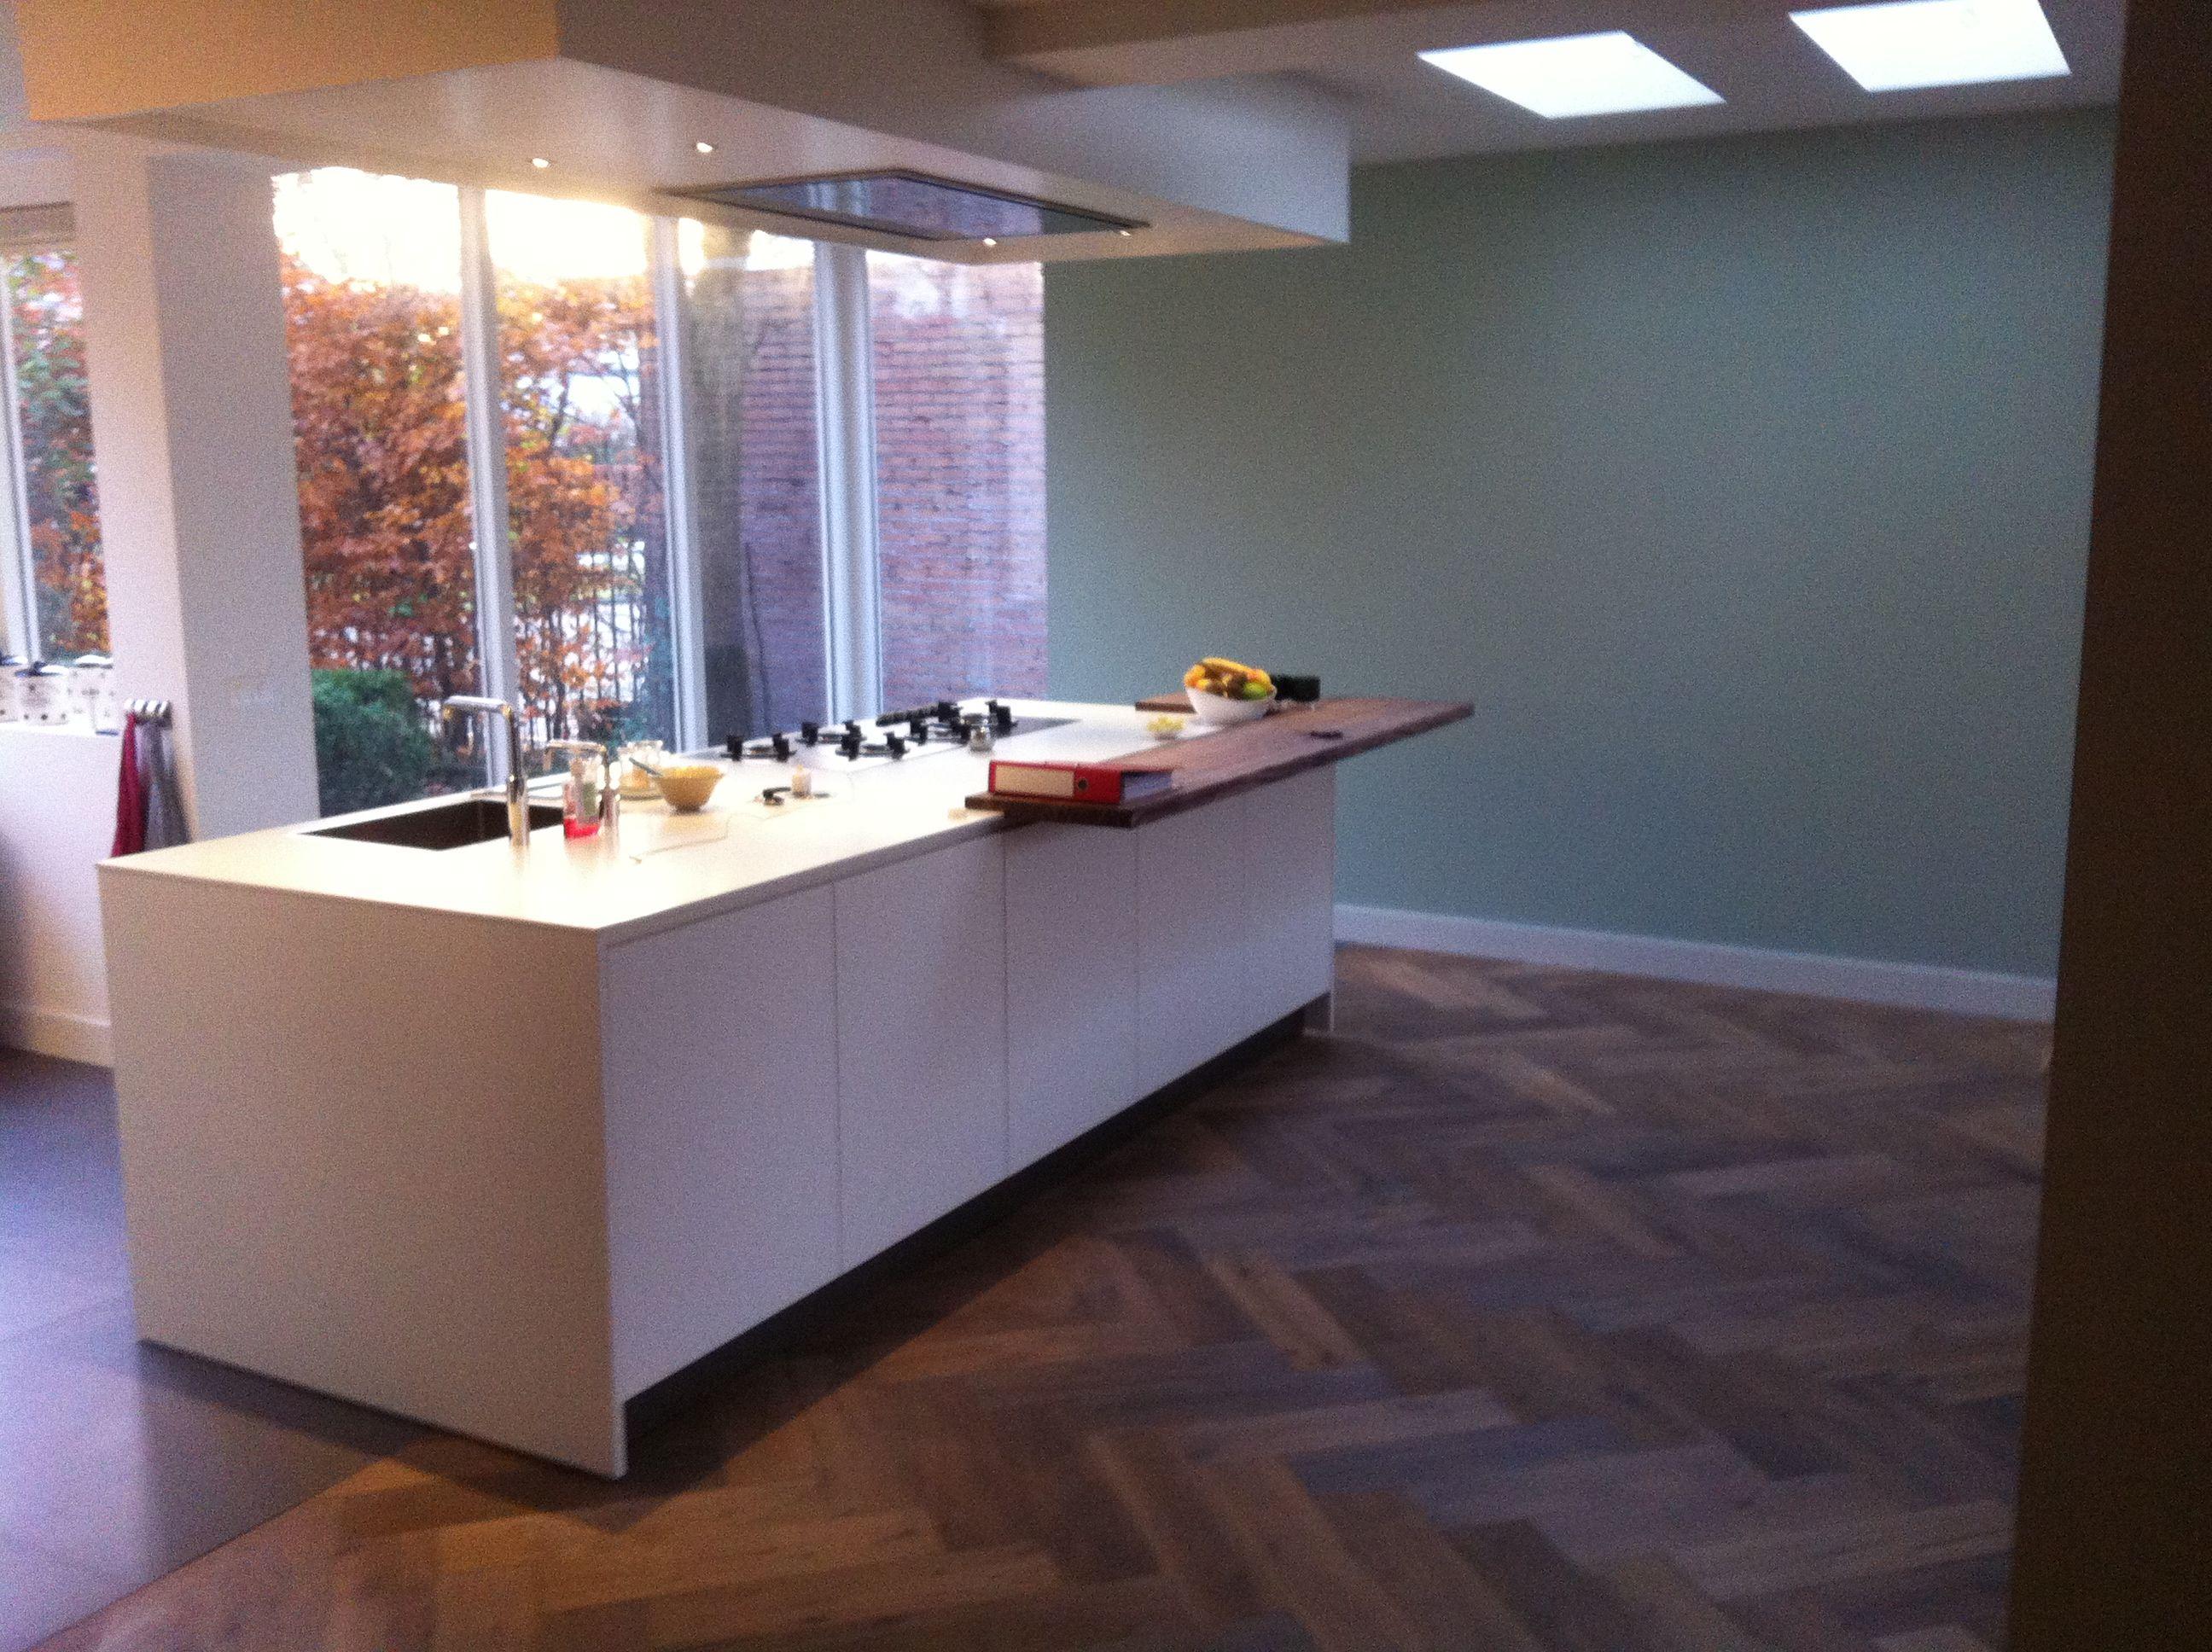 MoreFloors Vloeren Breda -Reuze visgraat 150 x 600 mm licht gerookt + wit keuken overgang met 100 x 100 cm beton look